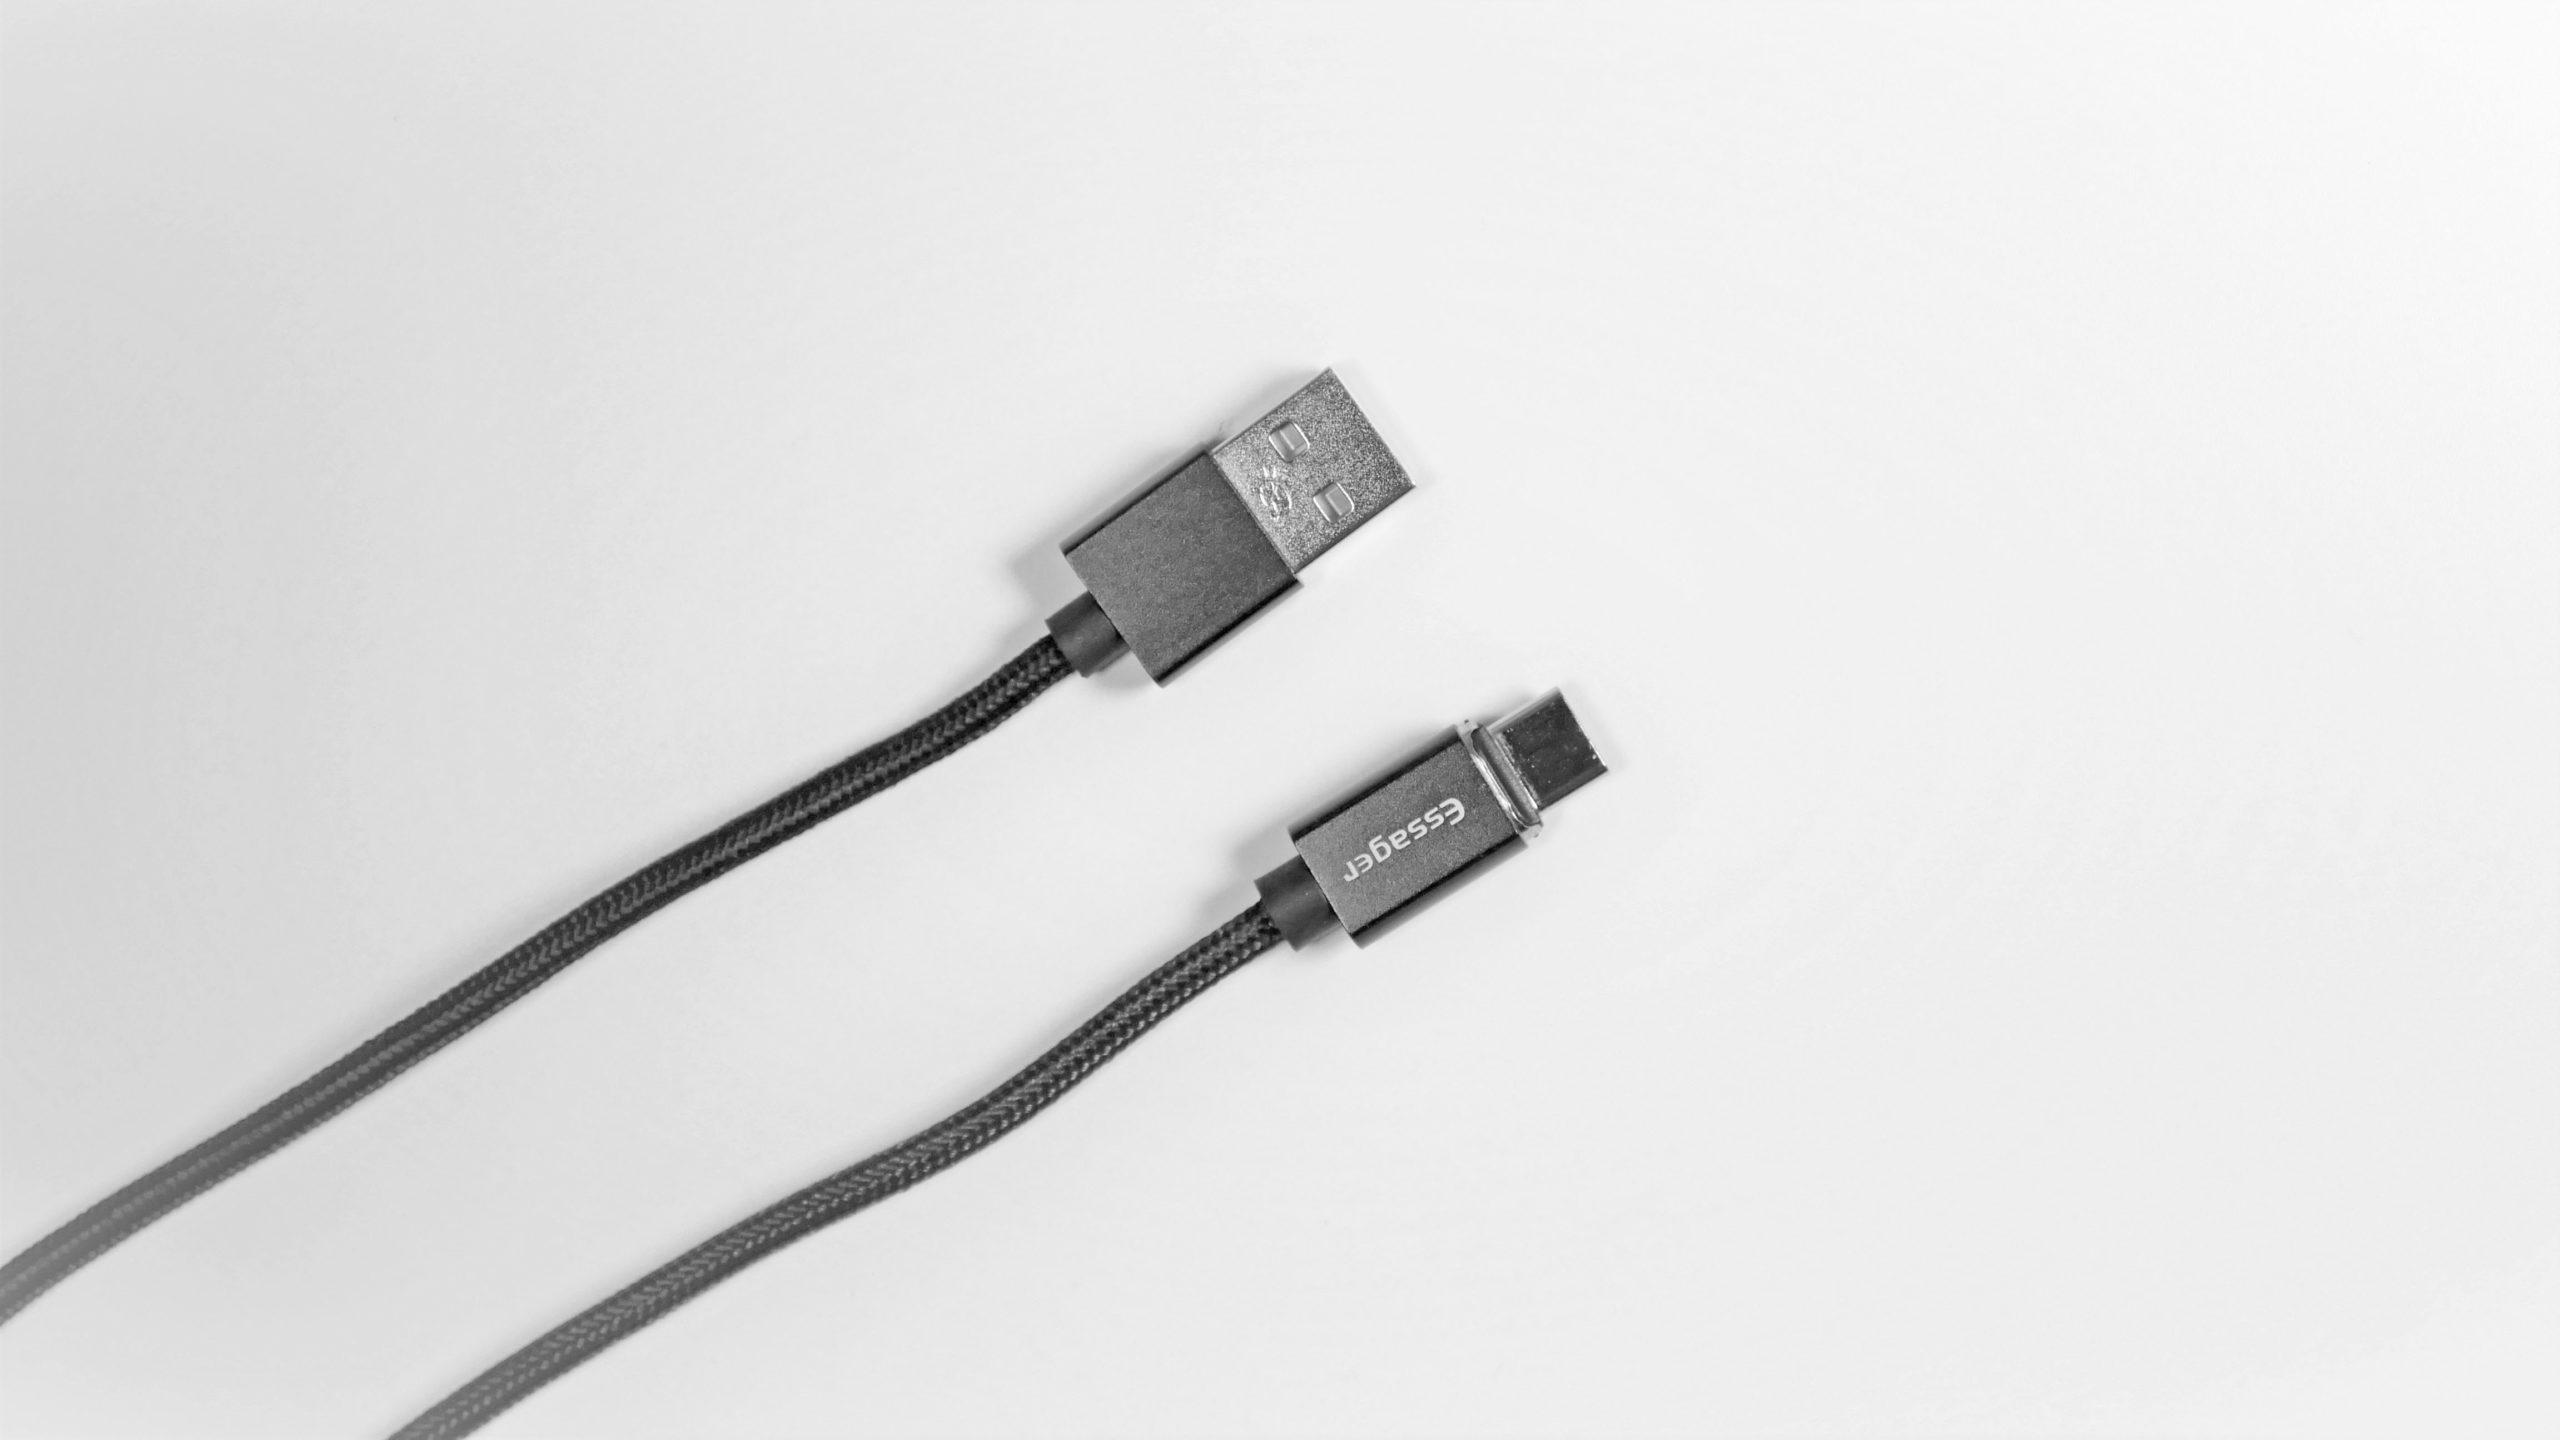 マグネット充電器 ケーブル 端子